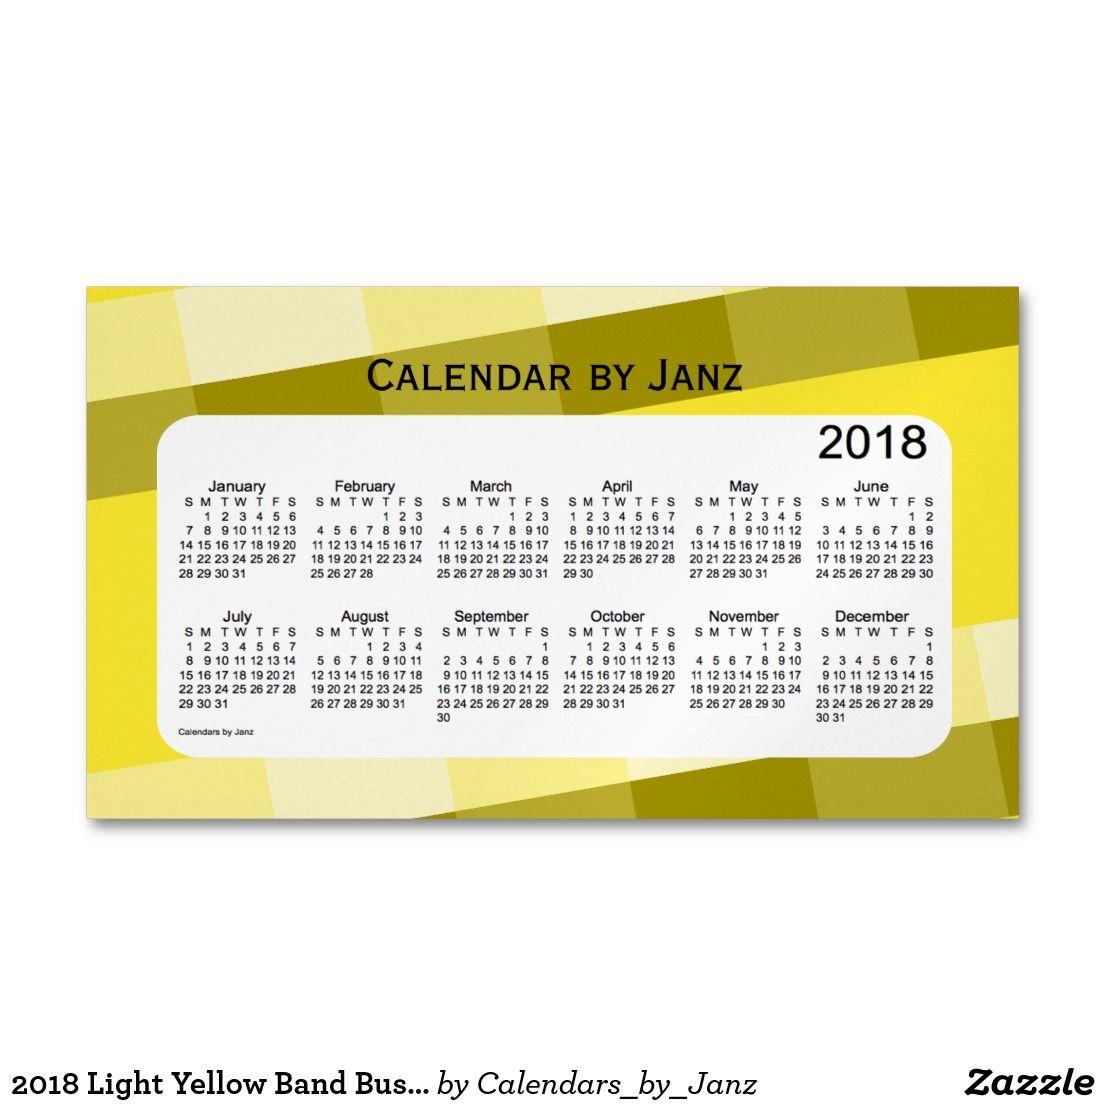 2018 Light Yellow Band Business Calendar by Janz Business Card ...